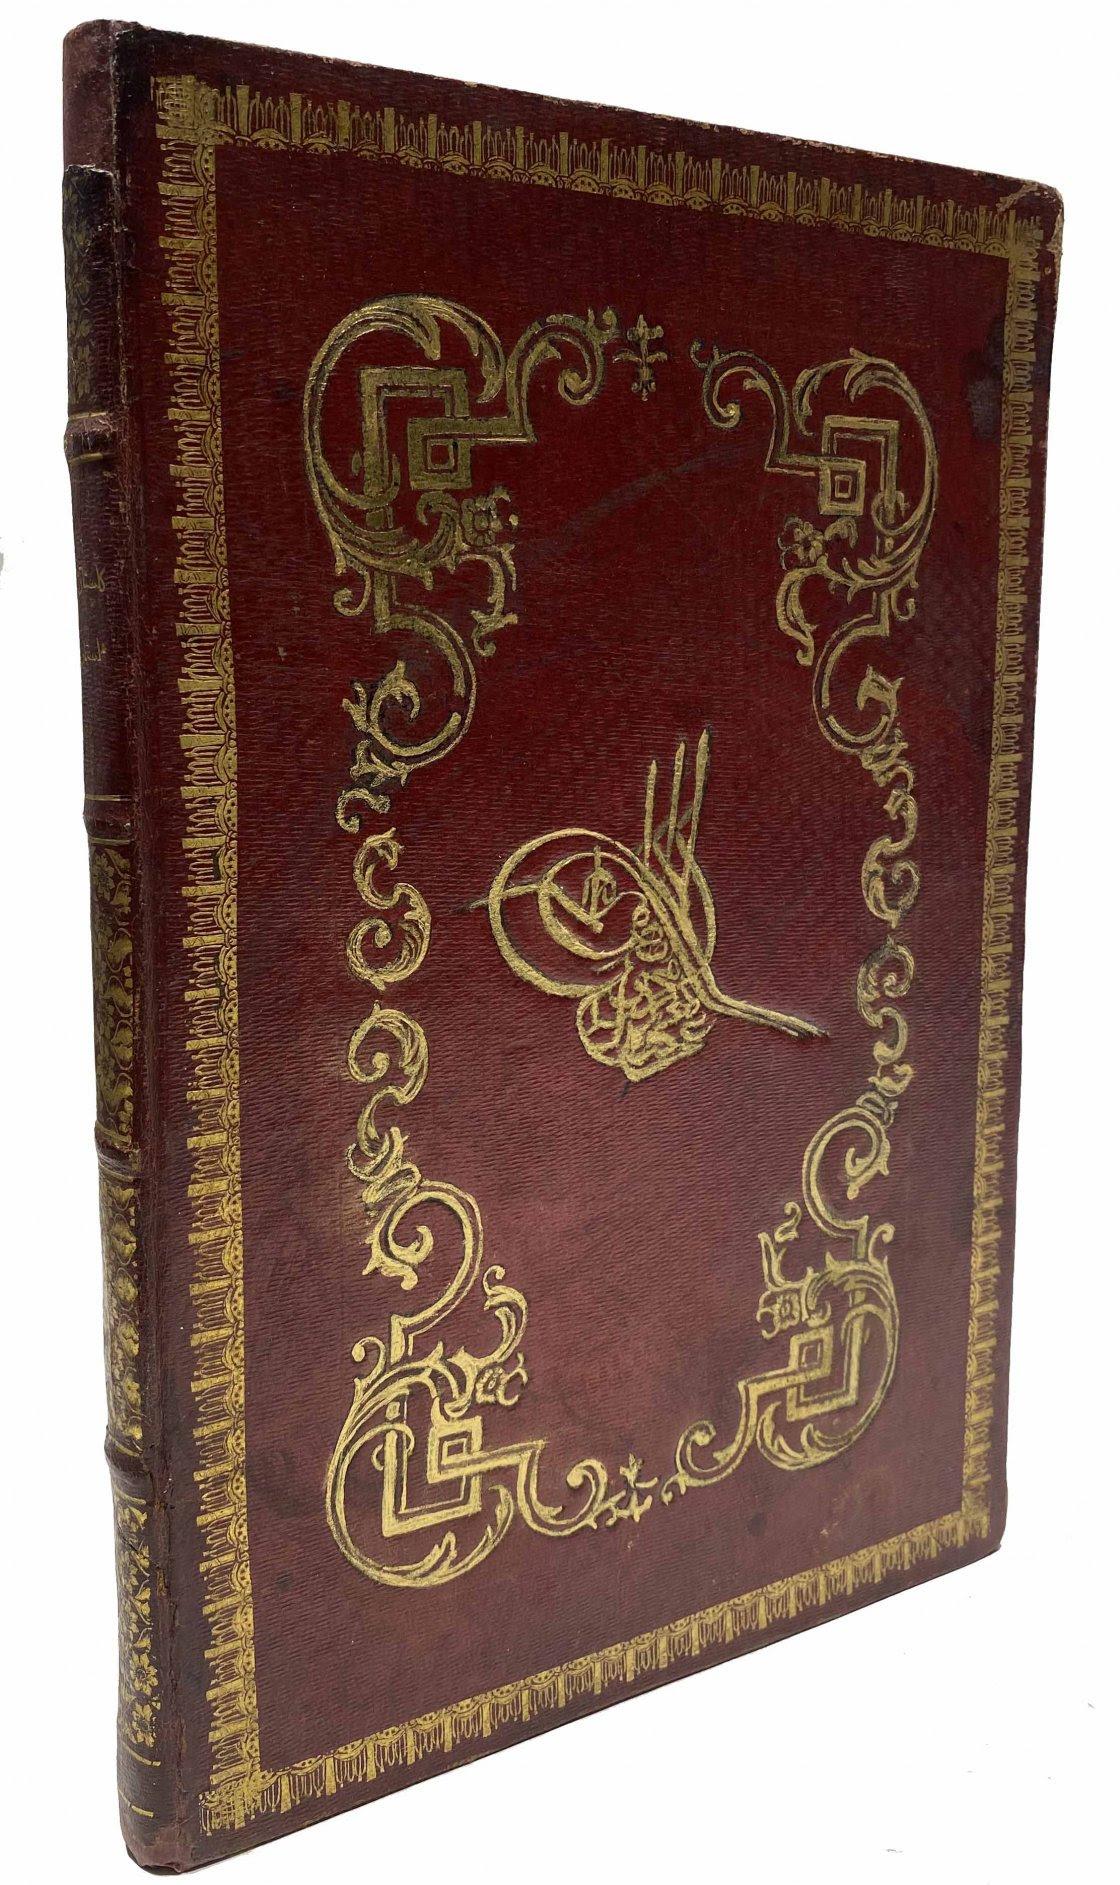 Gülistan isimli eski Türkçe kitap